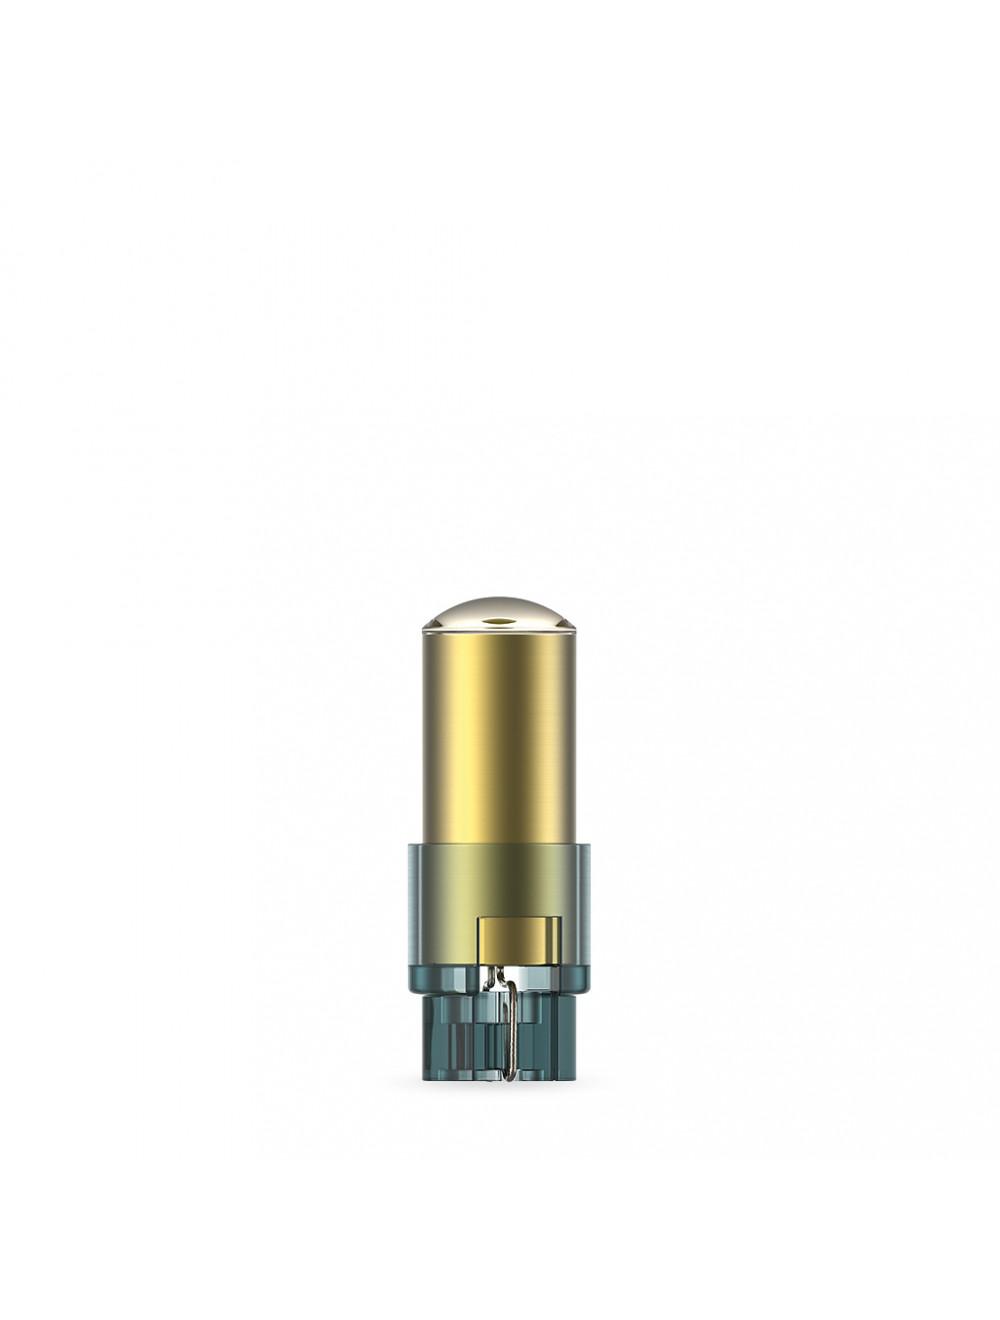 Das Produkt MK-dent LED Lampe BU8012KM aus dem Global-dent online shop.